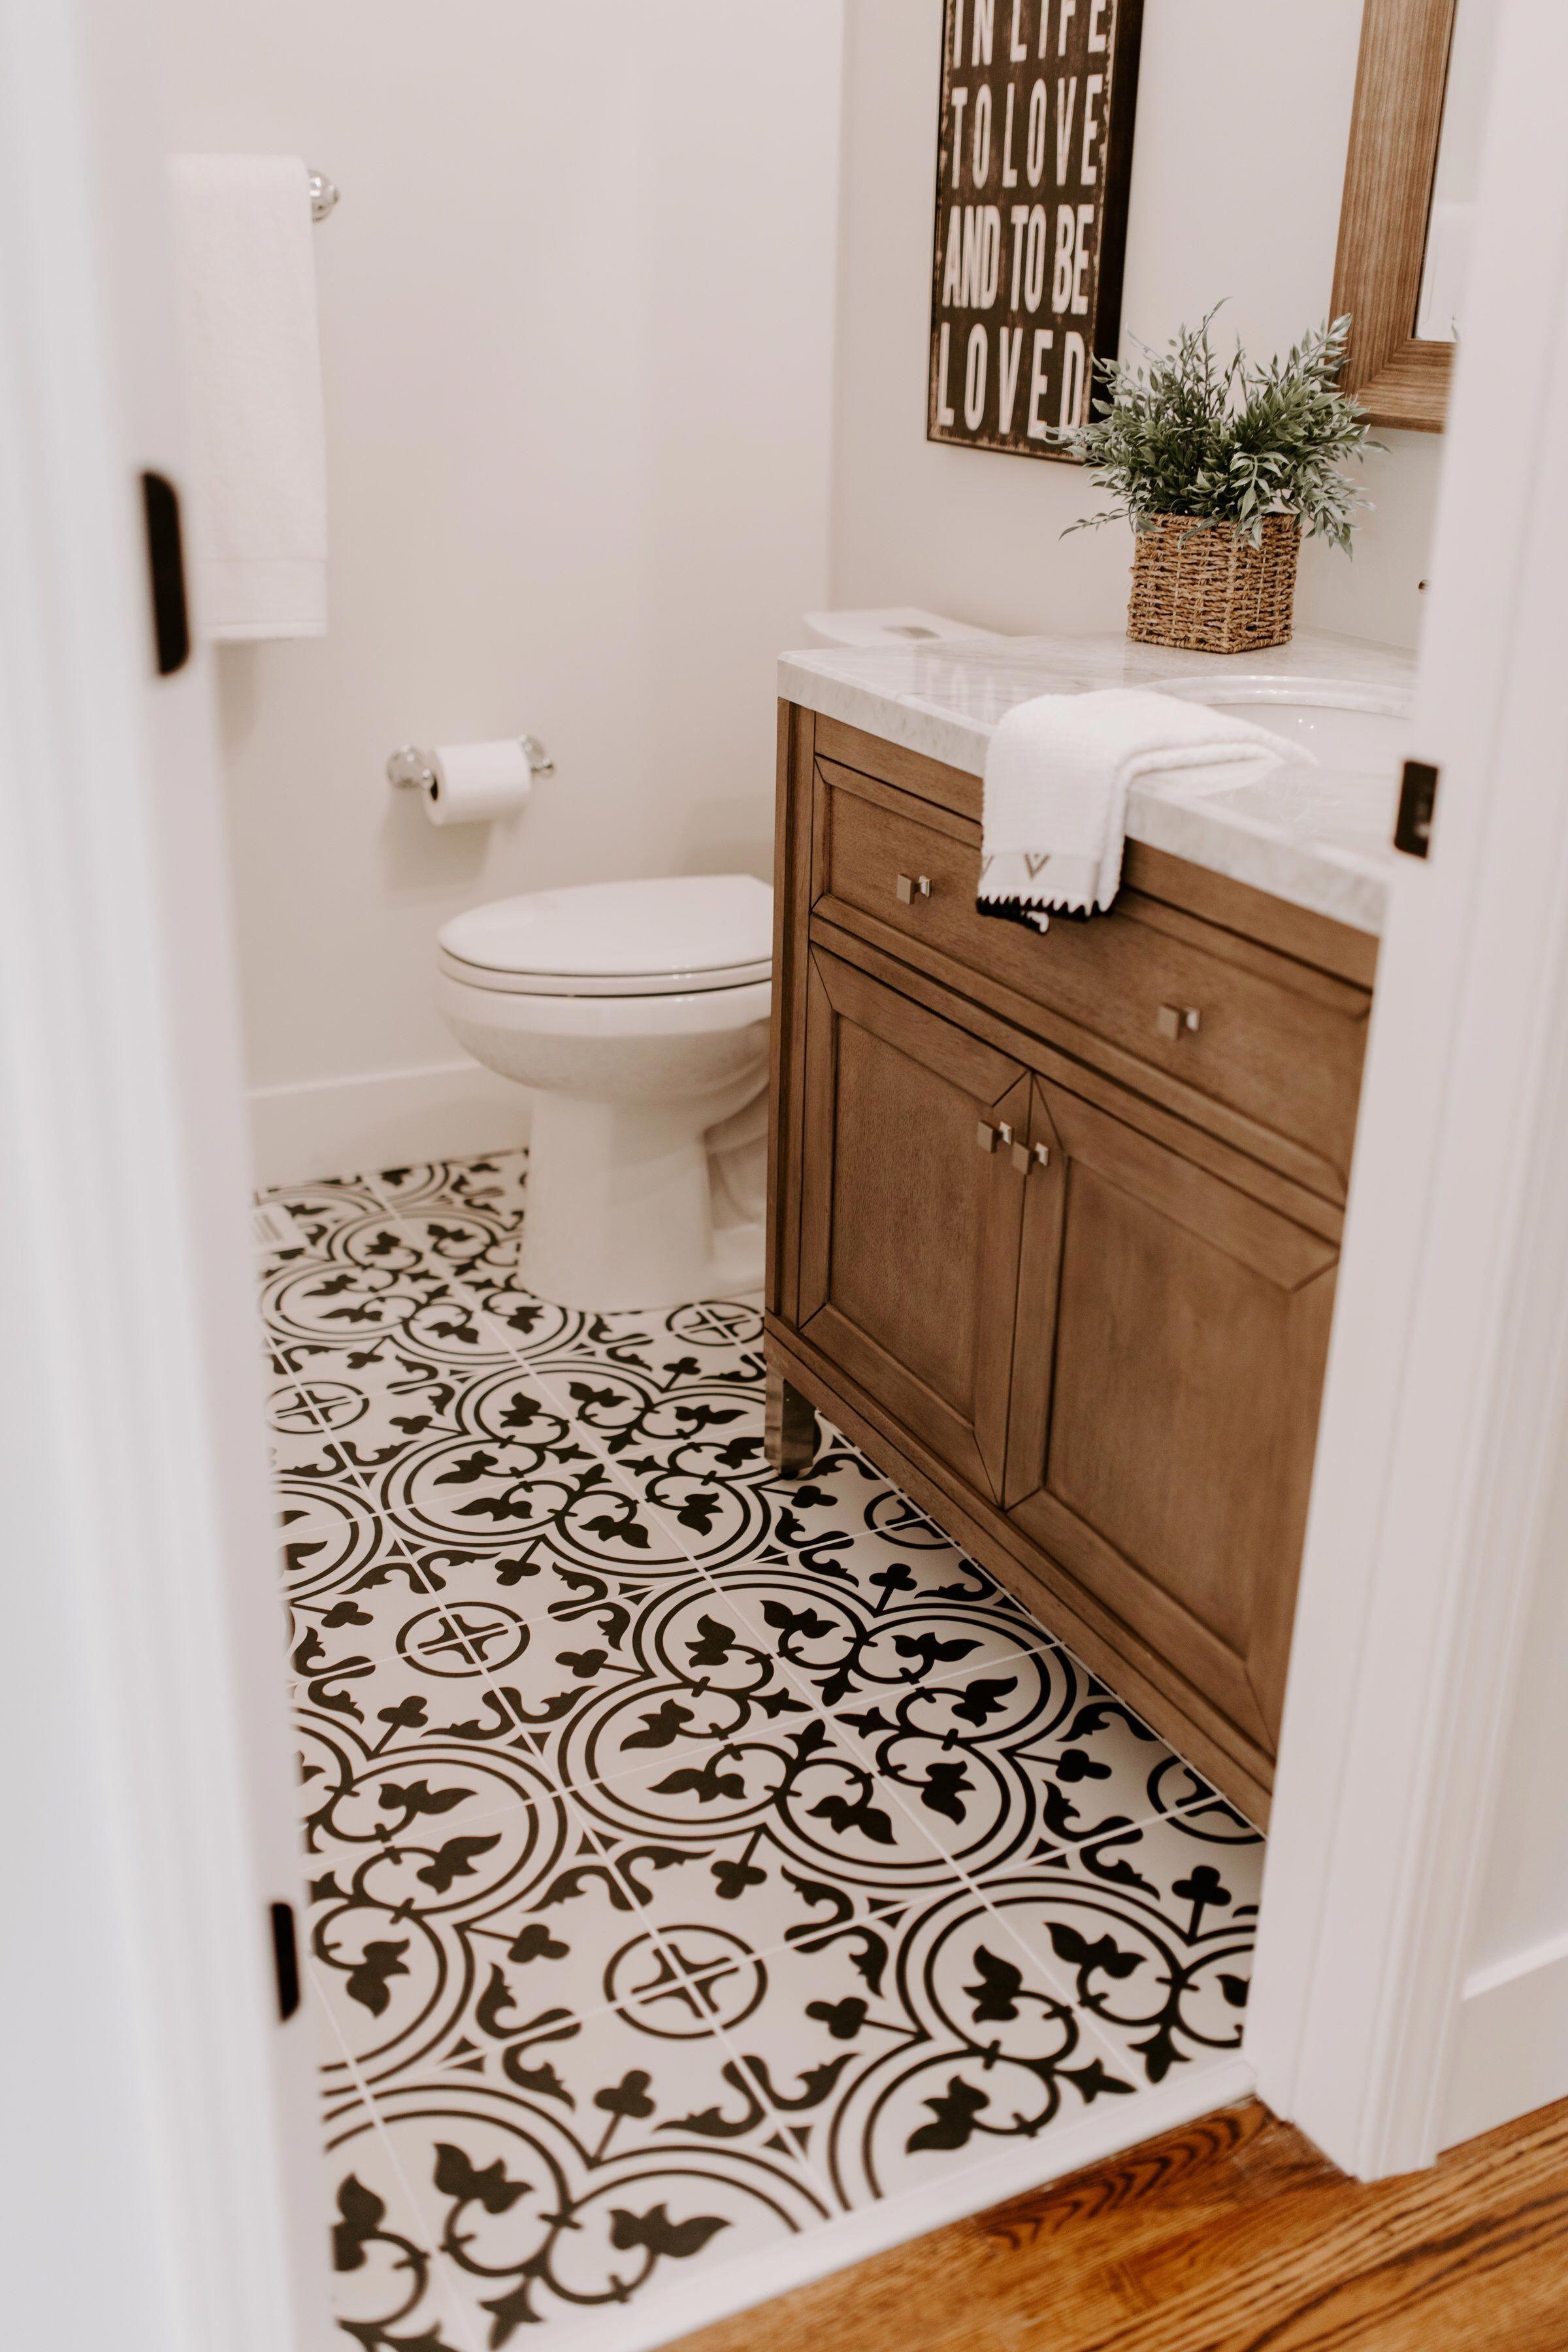 Immagini Di Bagni Piccoli pin di piera polini su bagni (con immagini) | bagno